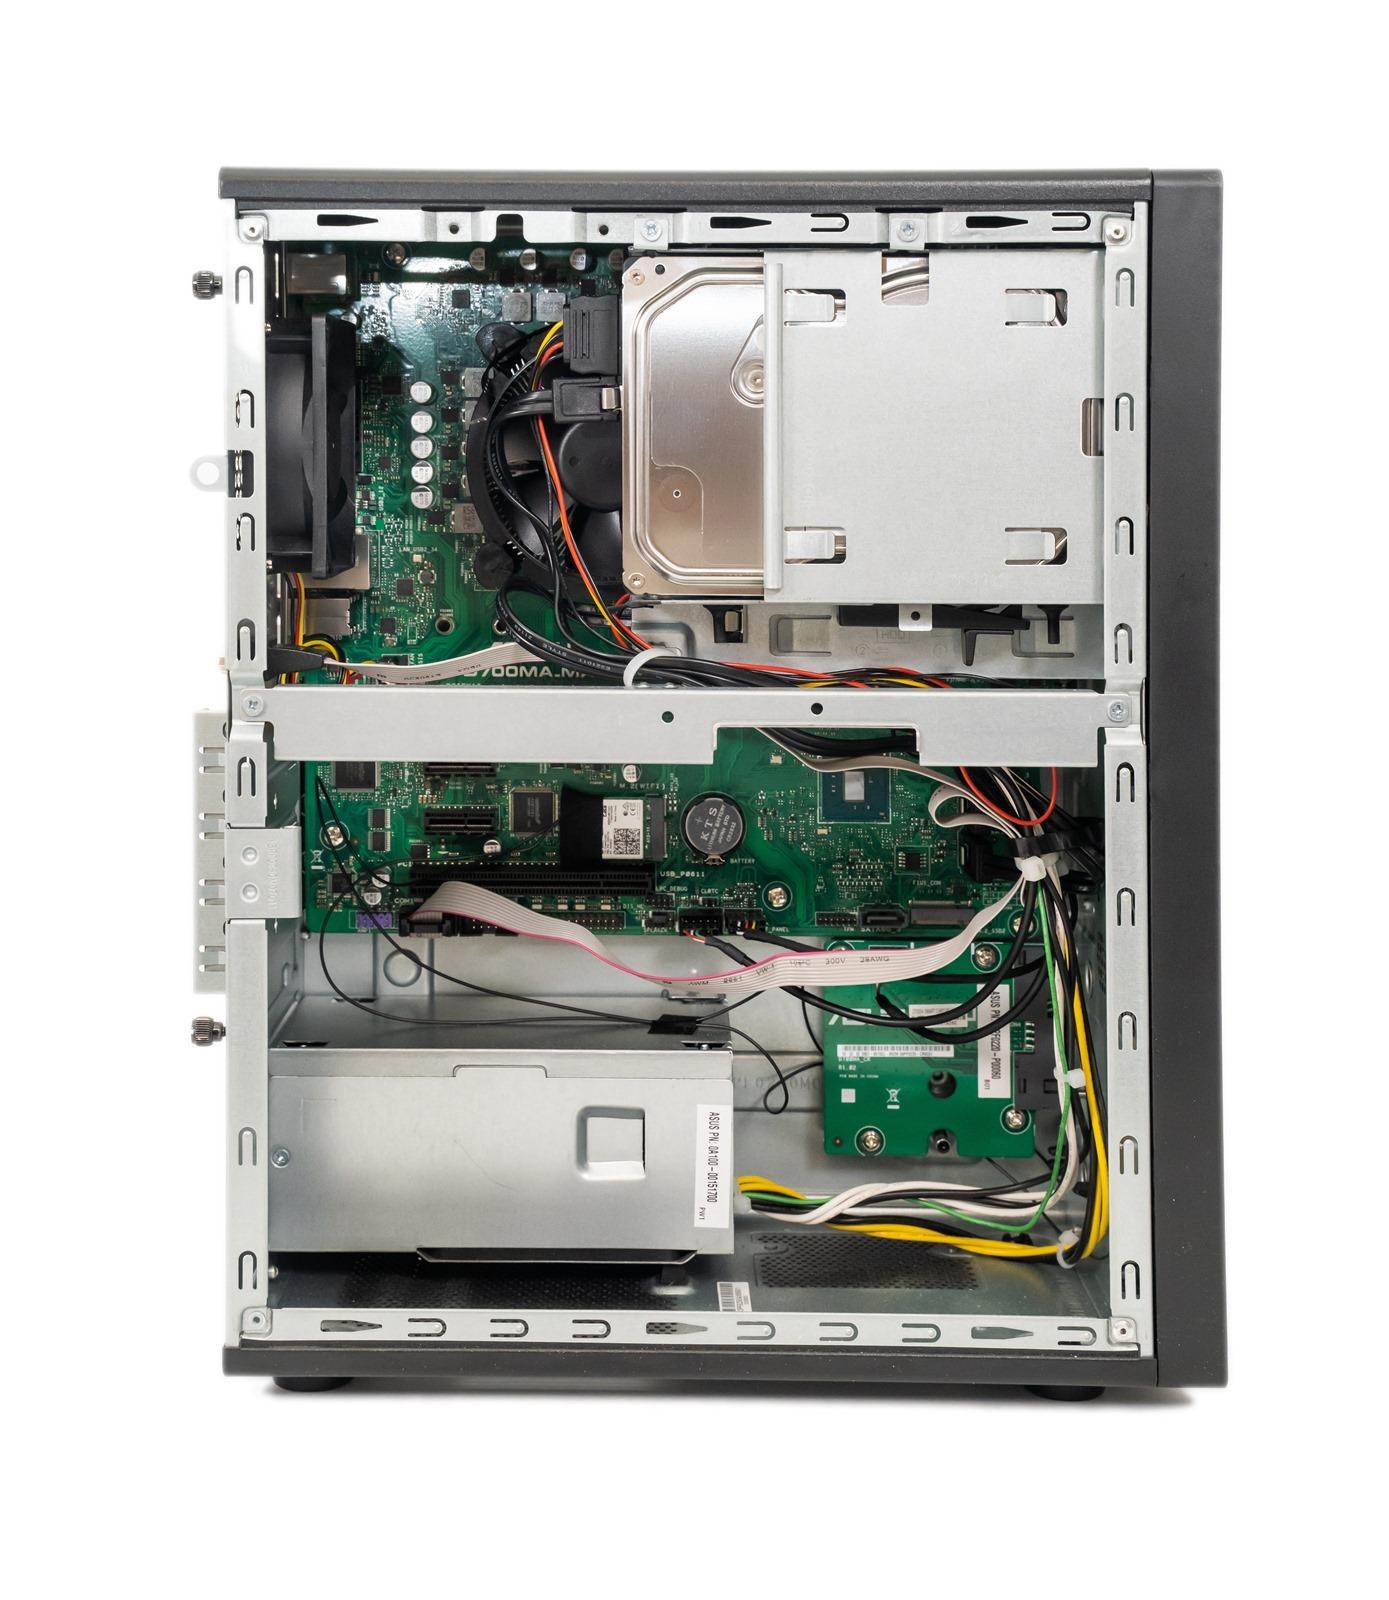 中小企業和商家最安心、實用擴充性高商用主機 ASUS ExpertCenter D7 Mini Tower (D700MA) @3C 達人廖阿輝